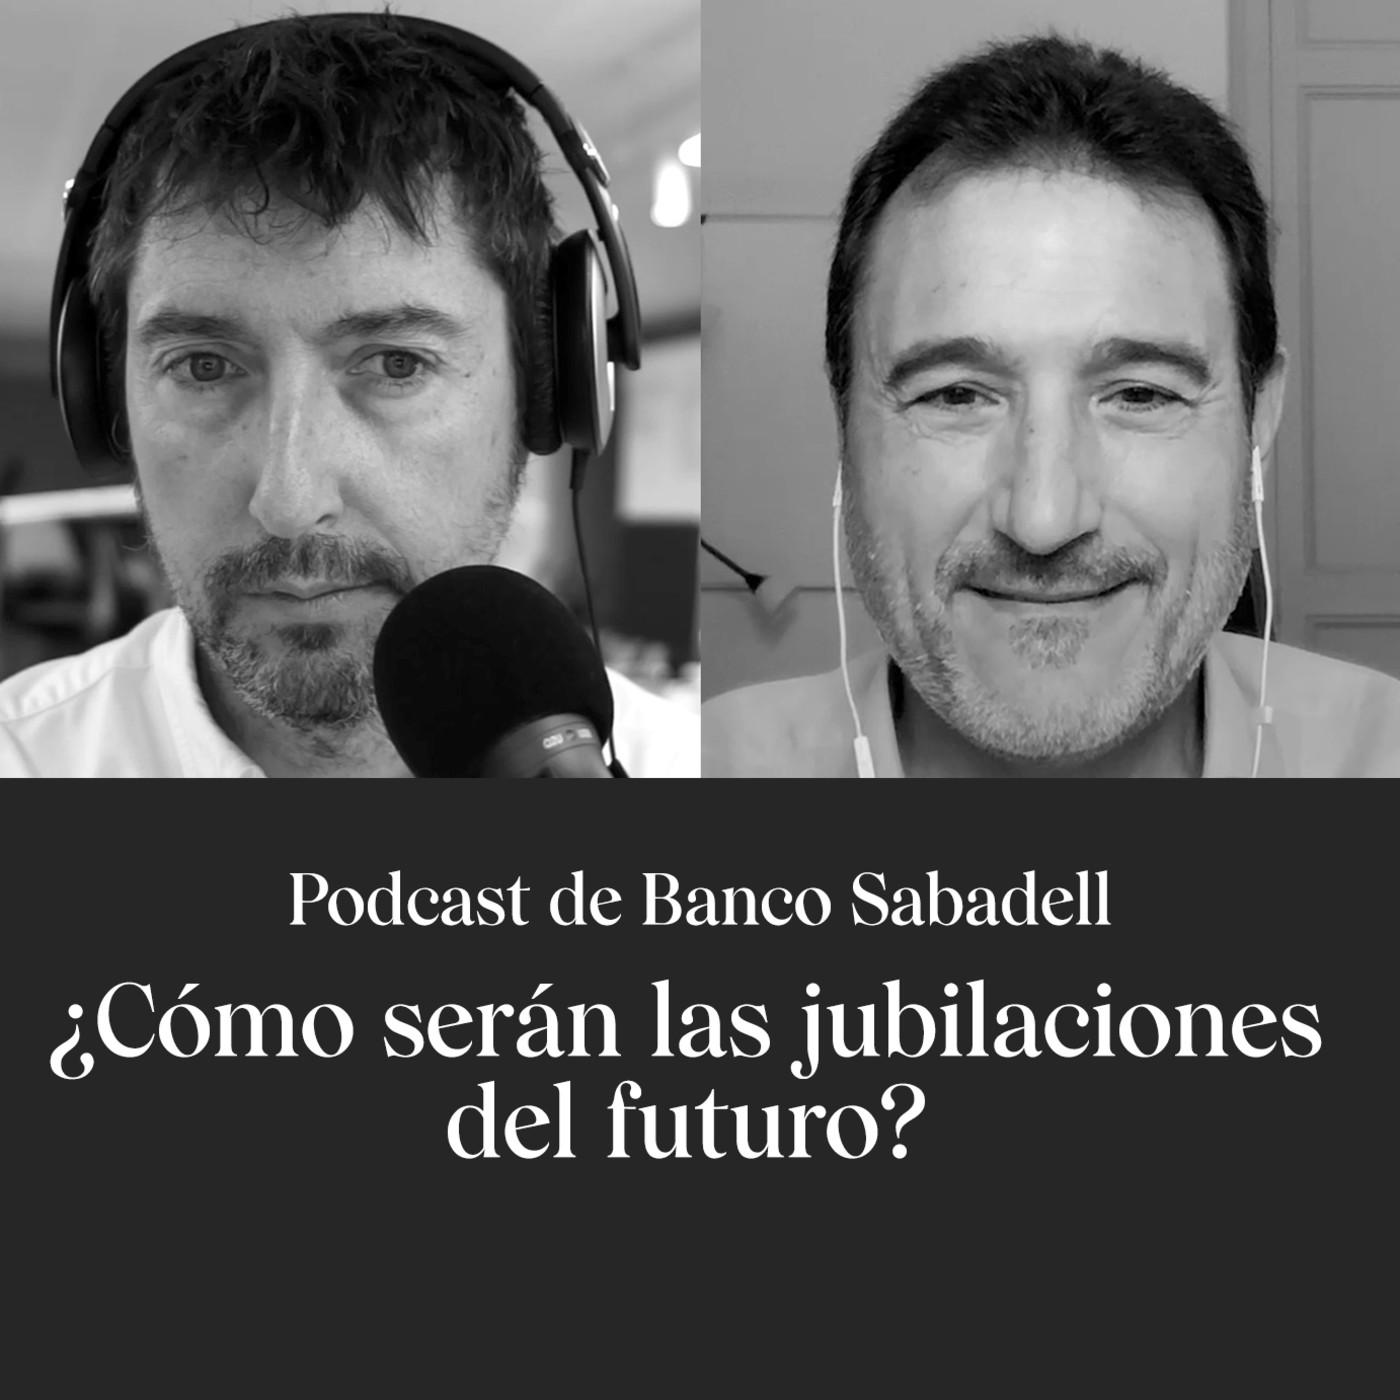 ¿Cómo serán las jubilaciones del futuro?